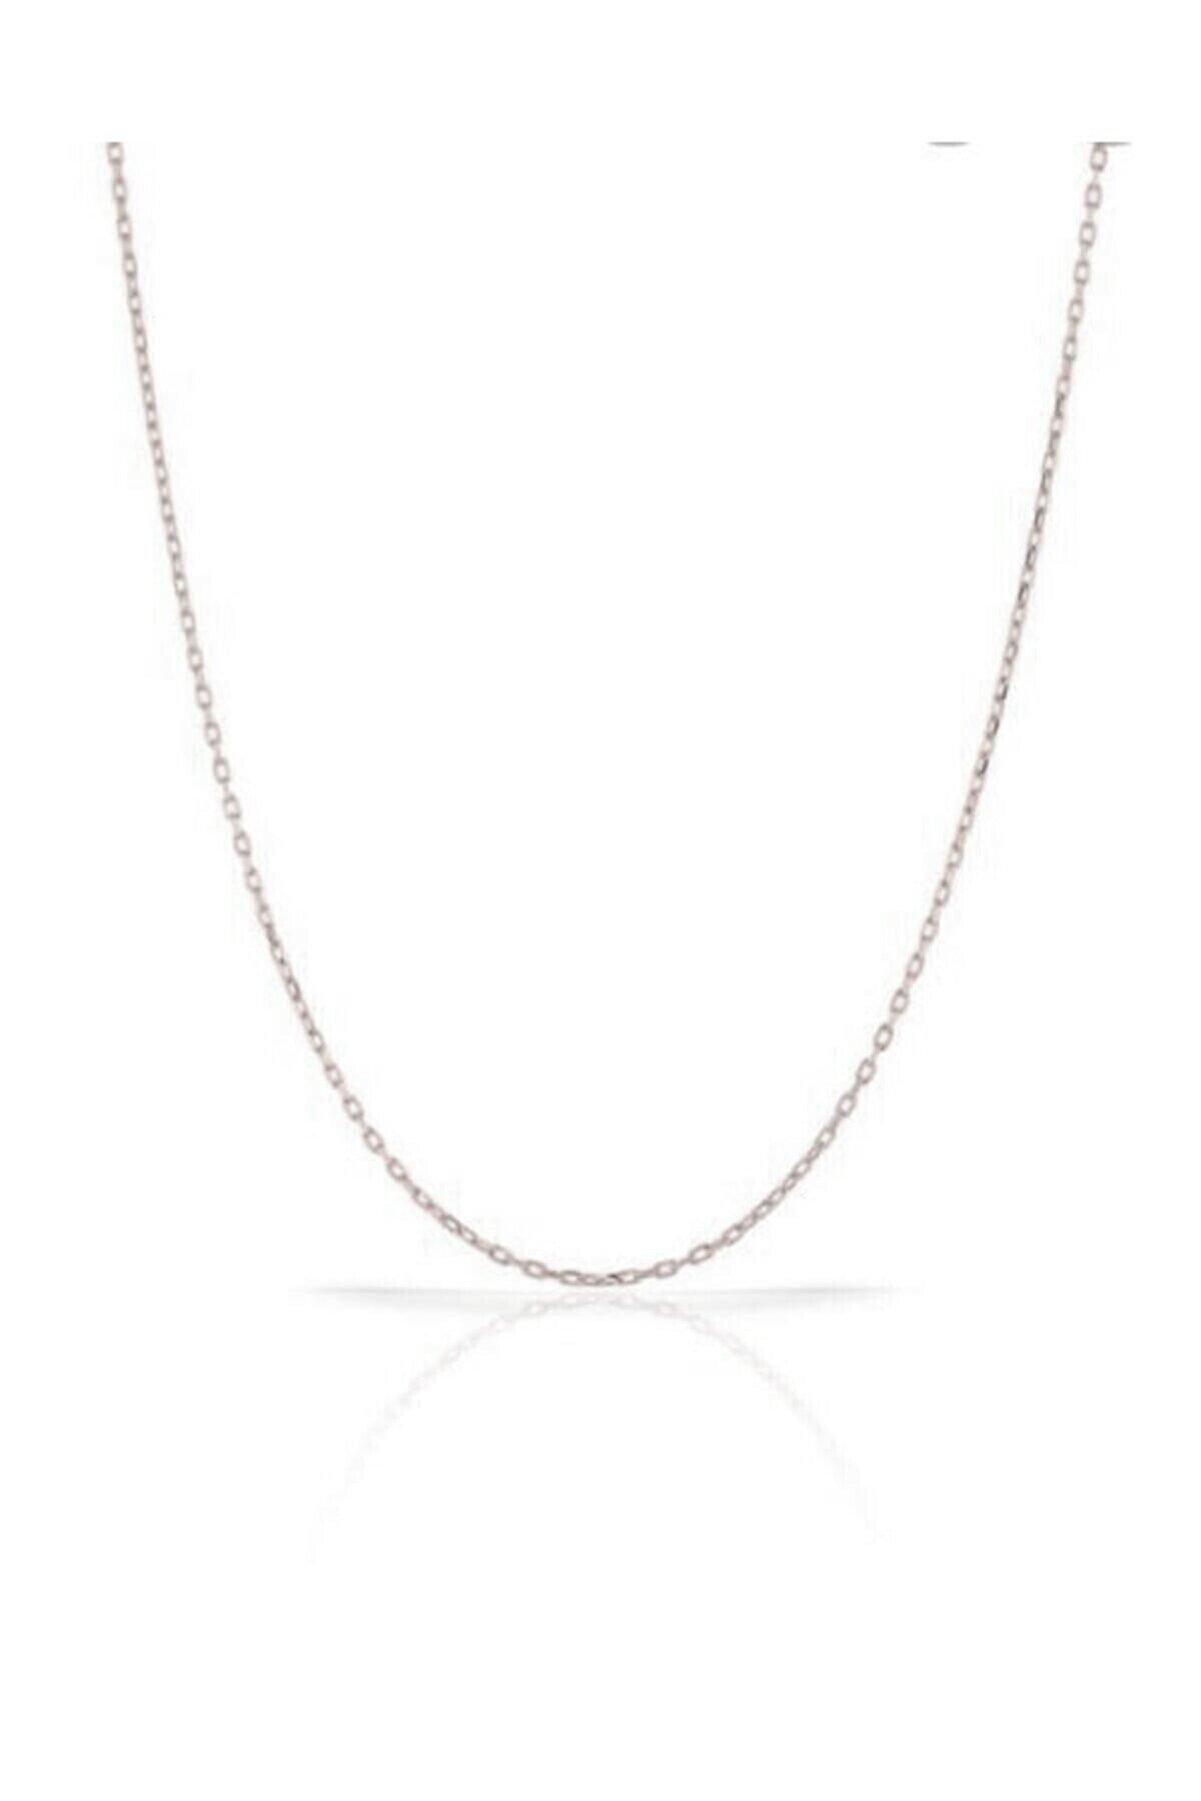 Takı Tak Silver Kadın 925 Ayar Gümüş Zincir 43 Cm